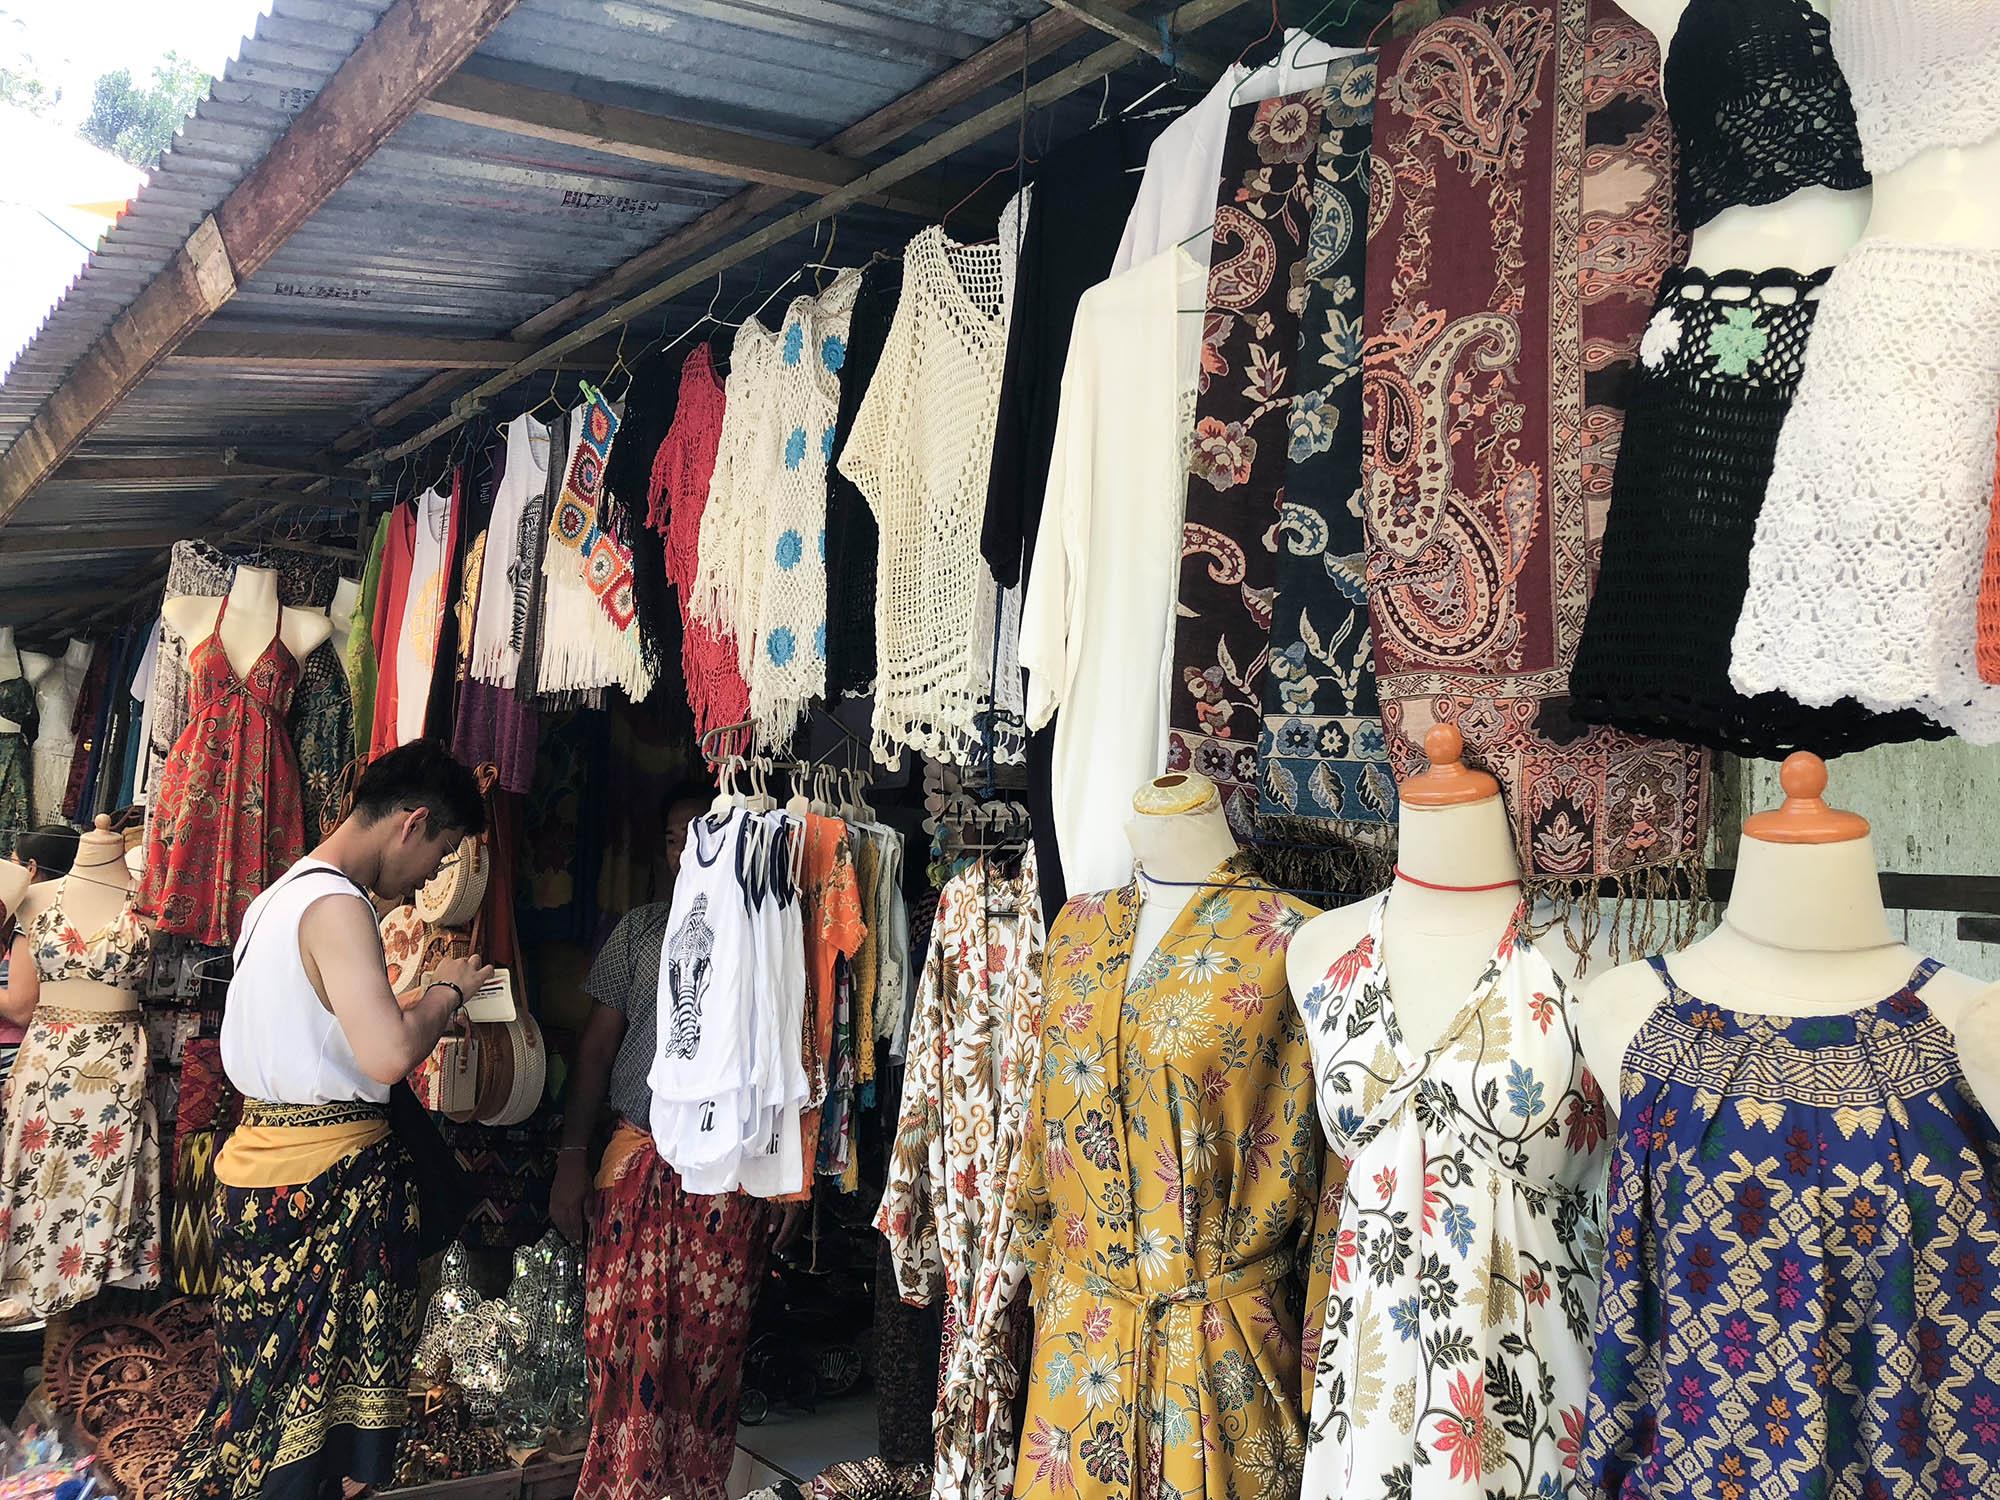 聖泉寺商店街賣衣服